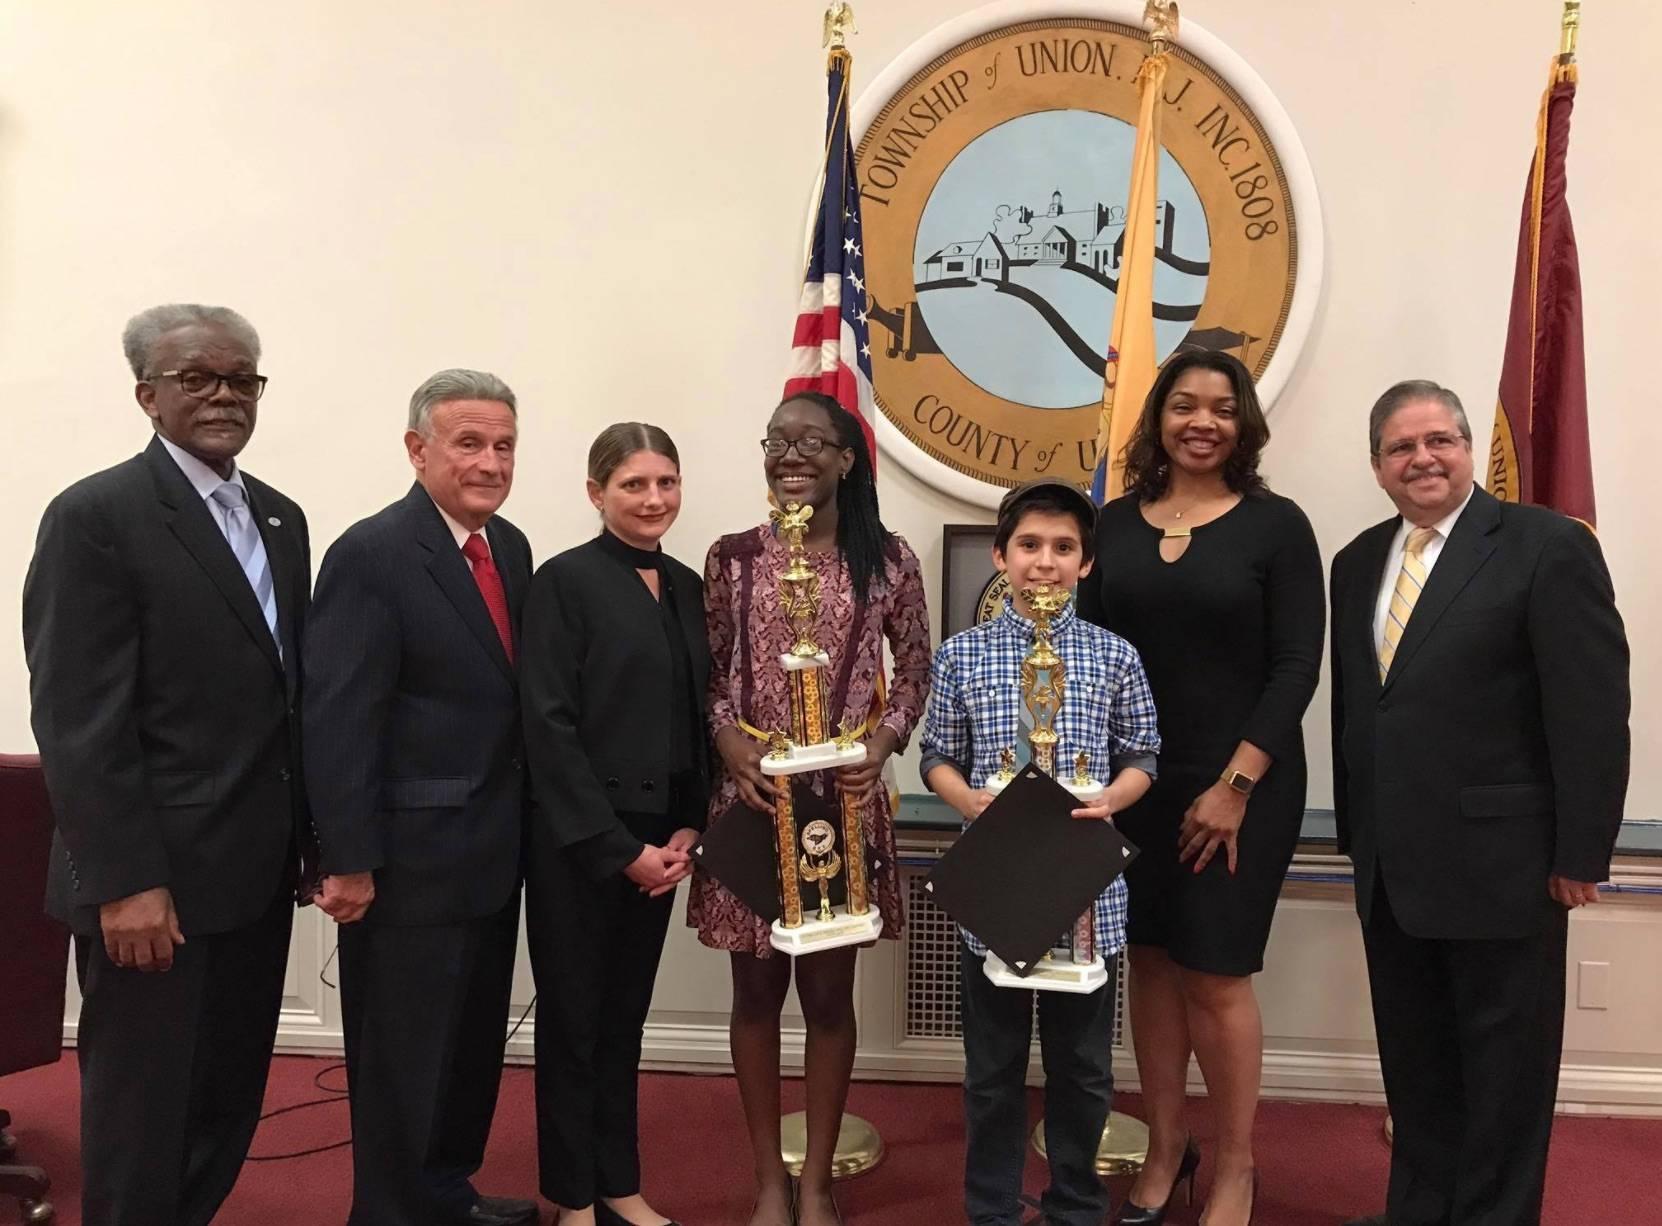 799fbb05a97e9c54fea2_107250627556996ea66f_spelling_bee_winners_receive_mayor_s_award.jpg